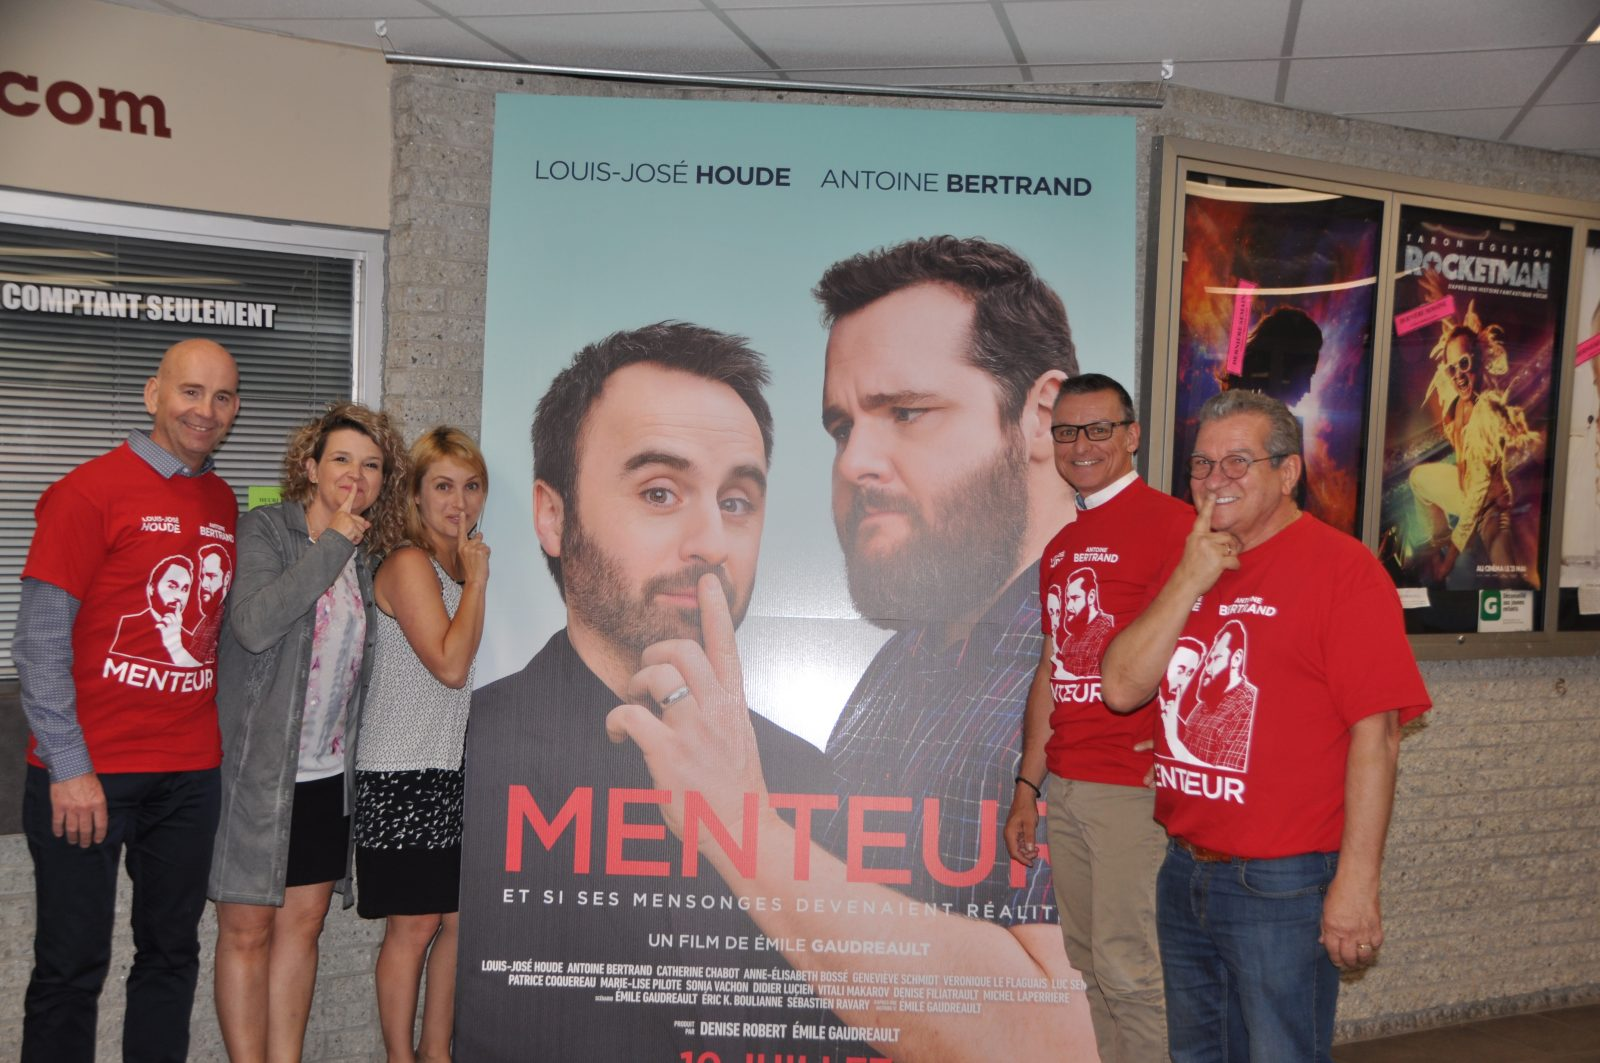 Lancement du film Menteur: Une première séance au profit d'une bonne cause